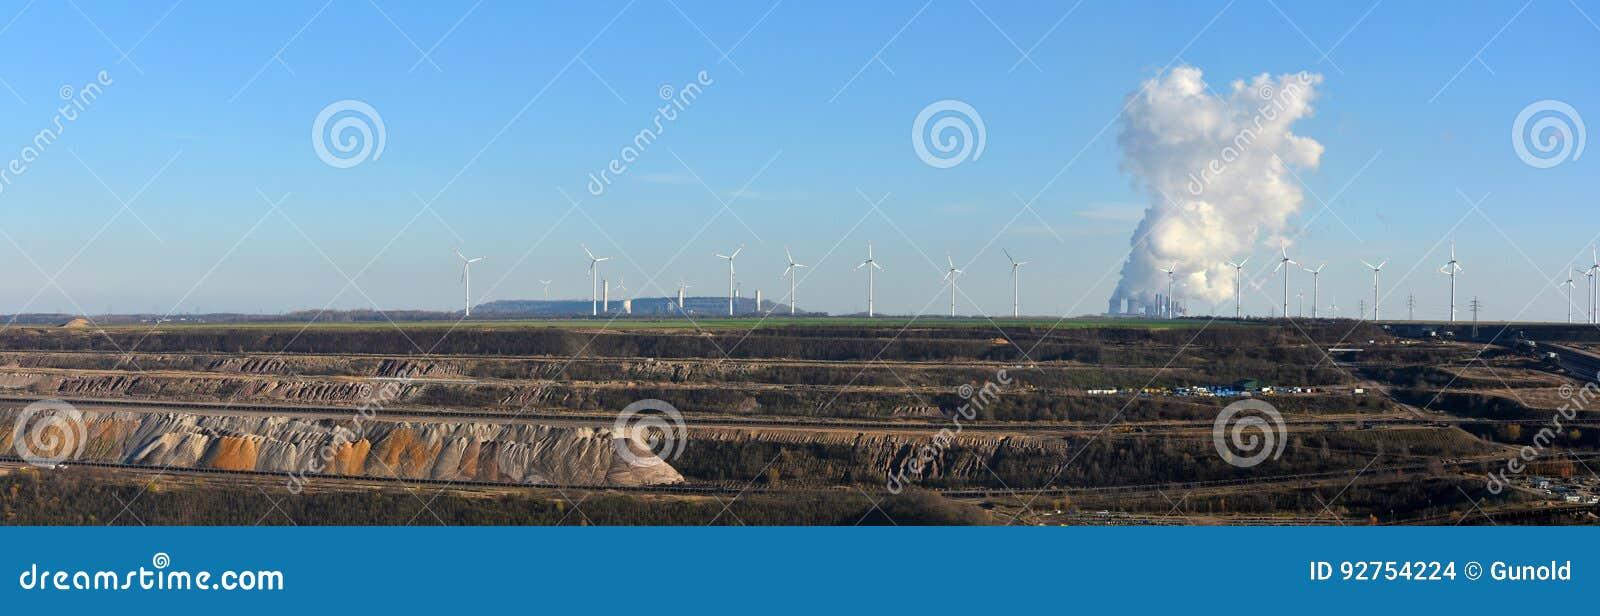 Vista panorâmica aberta - molde a mineração, o central elétrica e as energias eólicas